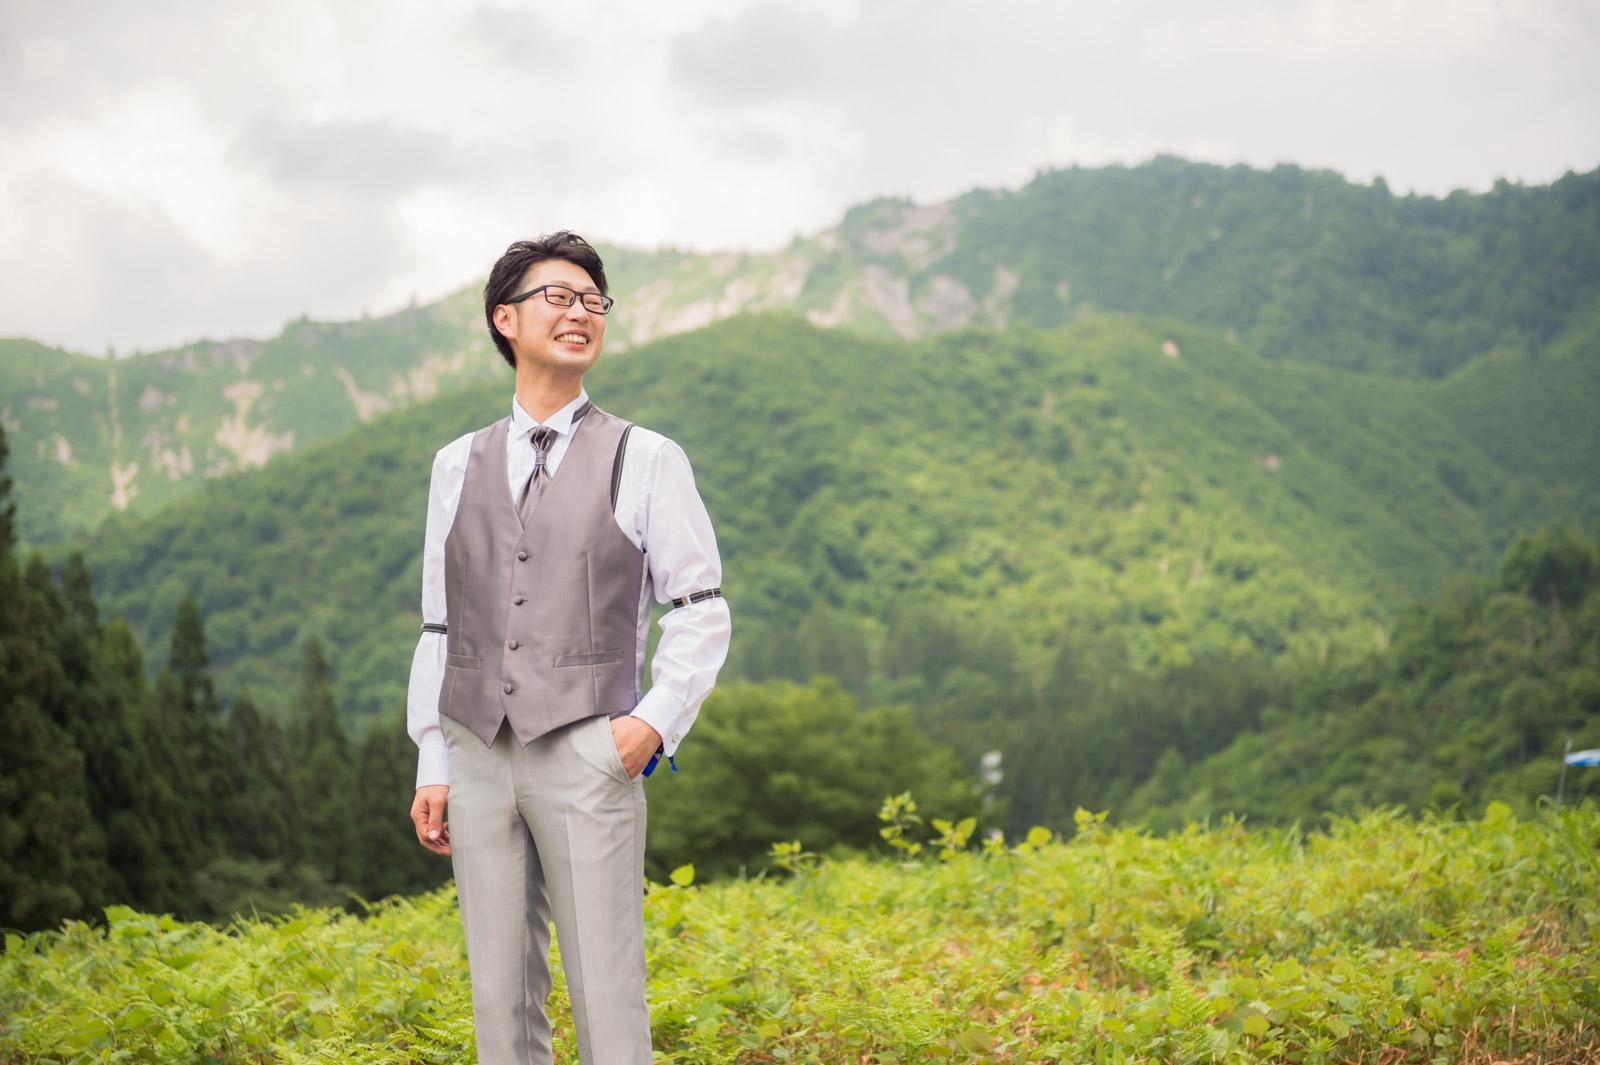 すっごい山の中なので普通は撮れないようなカットになります。